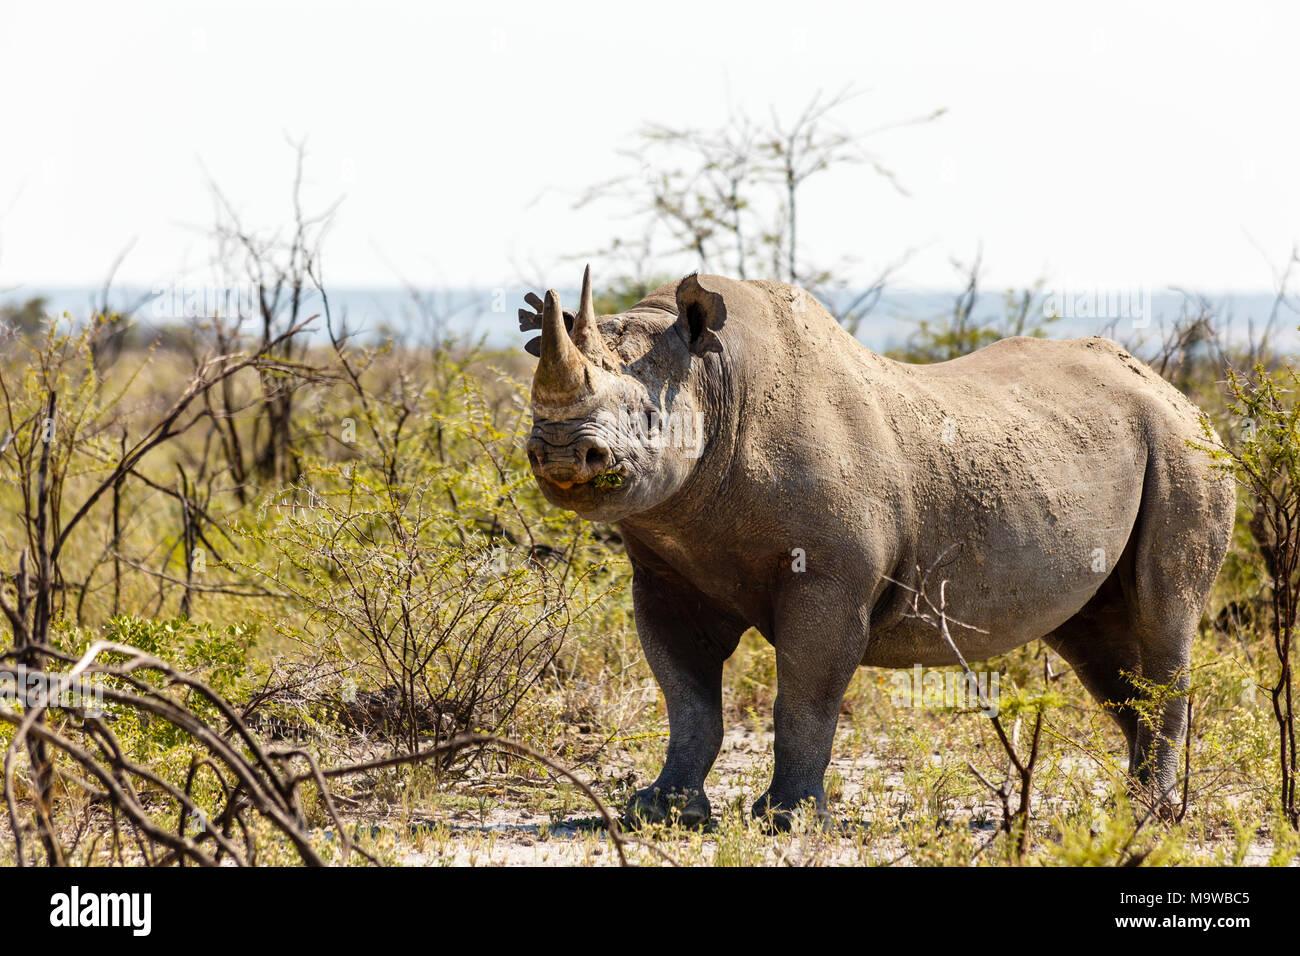 white rhinoceros, Ceratotherium simum, Etosha Nationalpark, Namibia - Stock Image